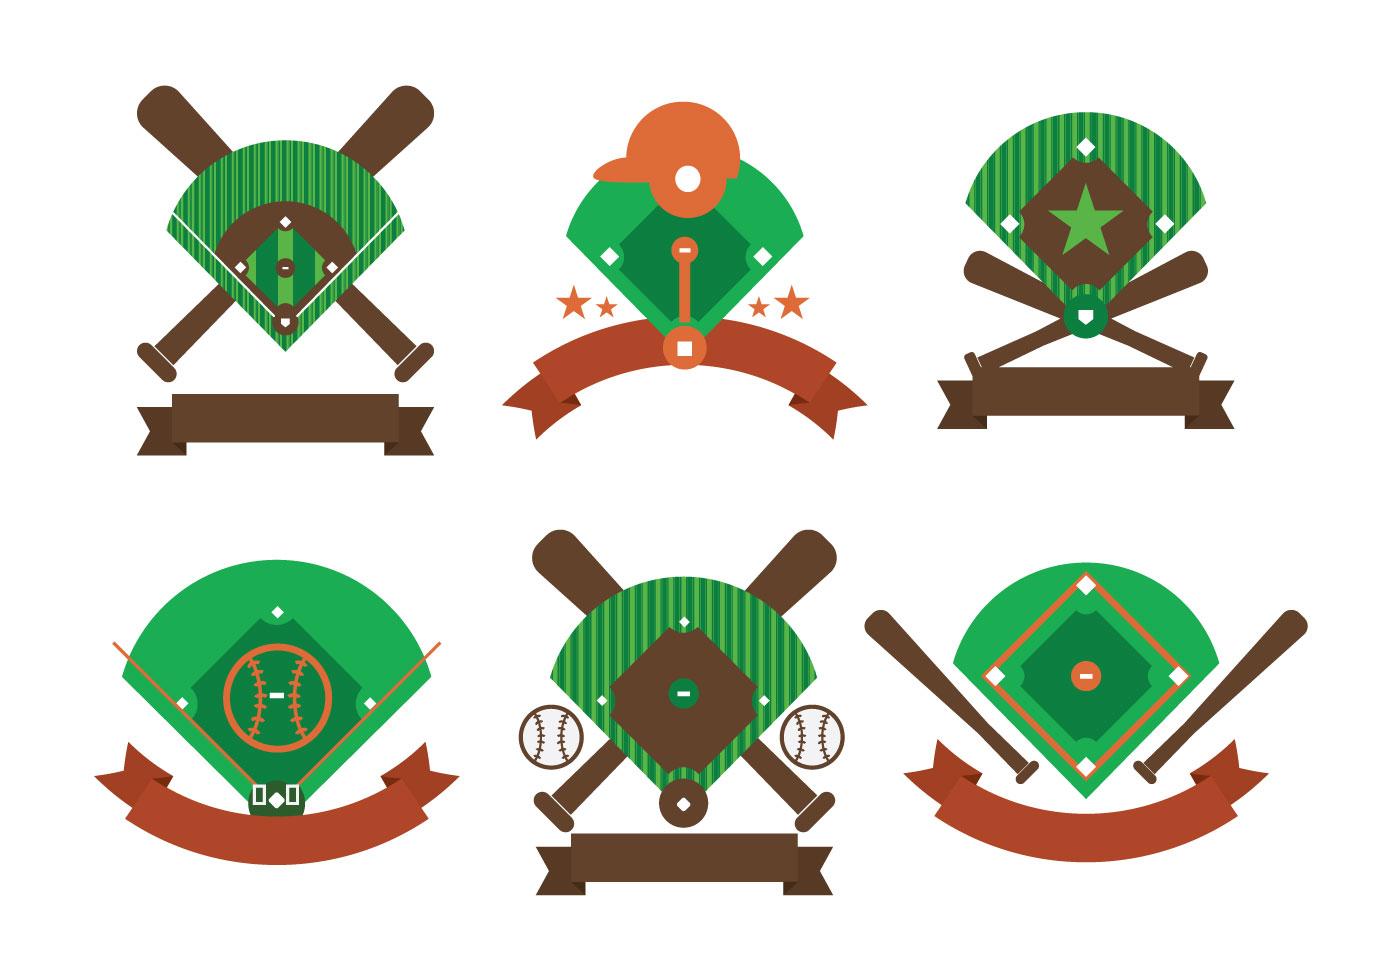 baseball diamond logo free vector art 7981 free downloads rh vecteezy com Baseball Skull Vector baseball diamond vector art